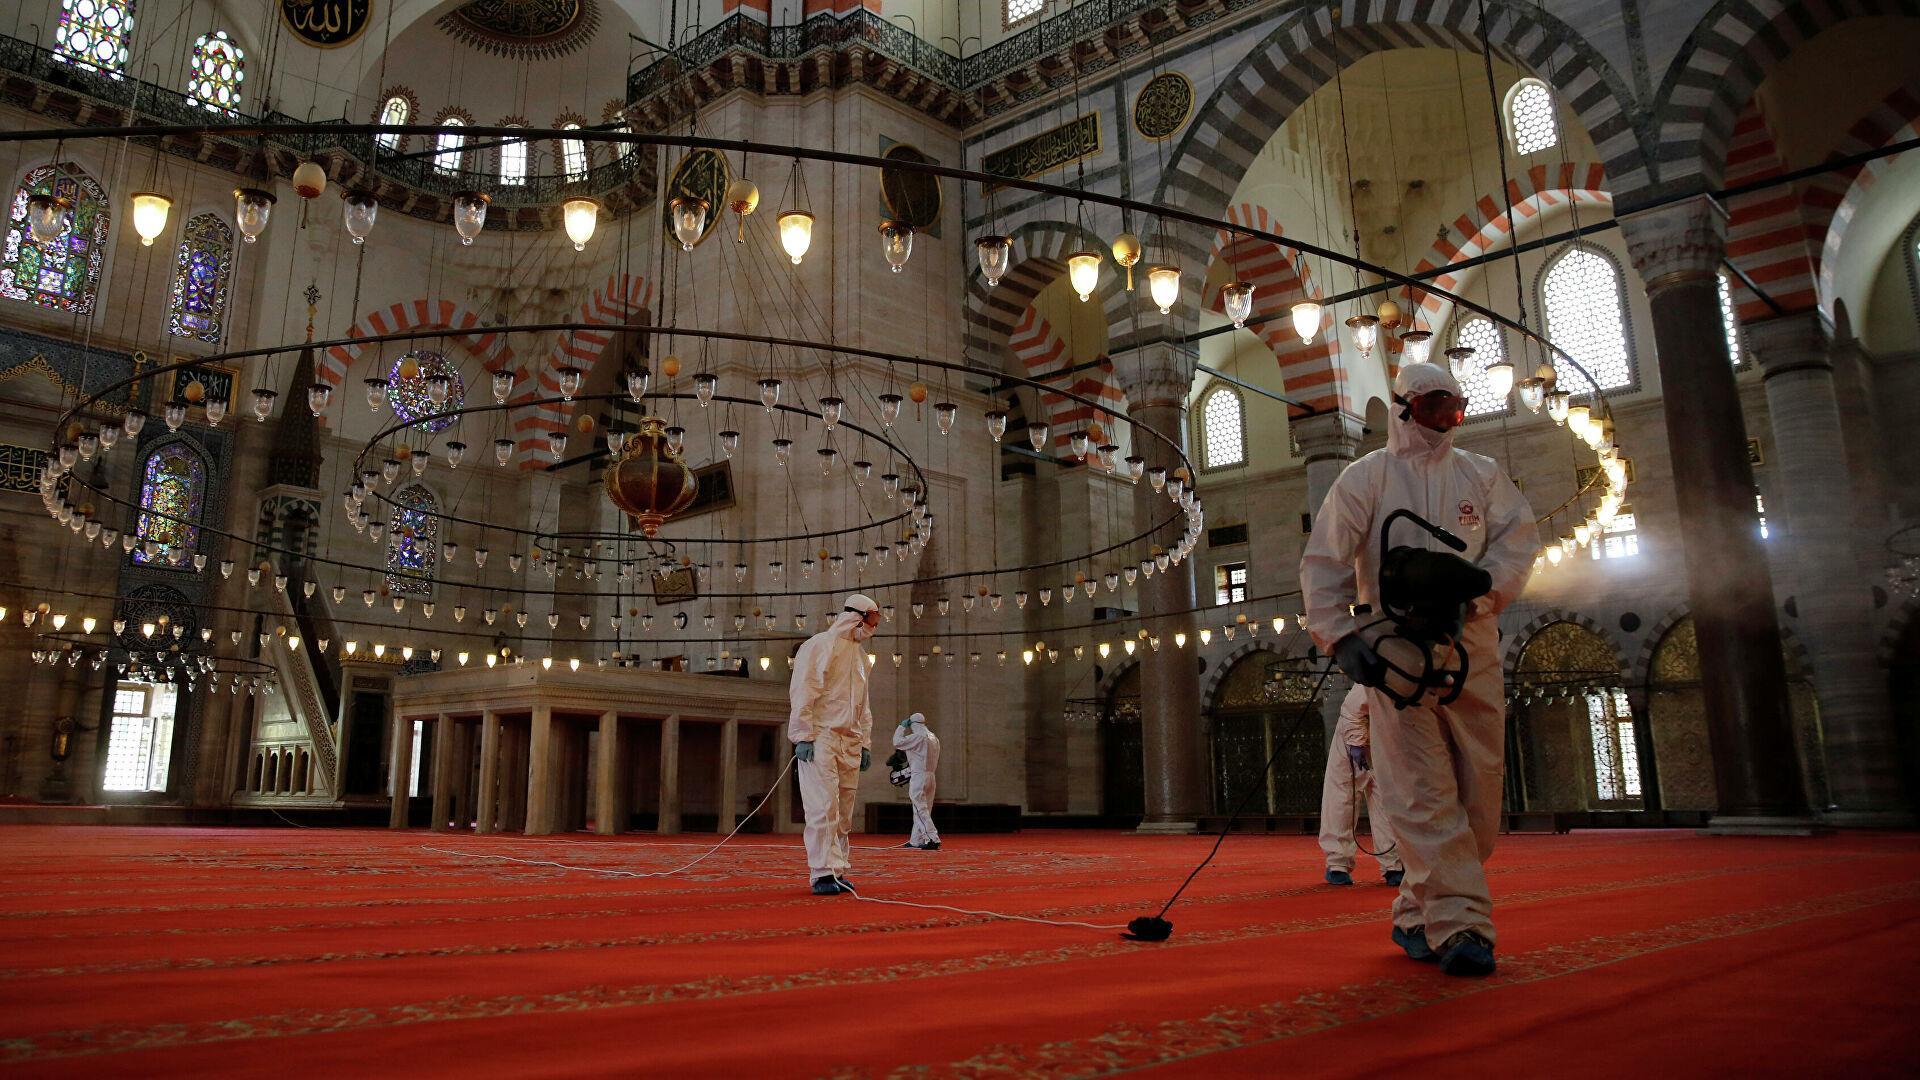 Мечеть Сулеймание в Стамбуле во время коронавируса